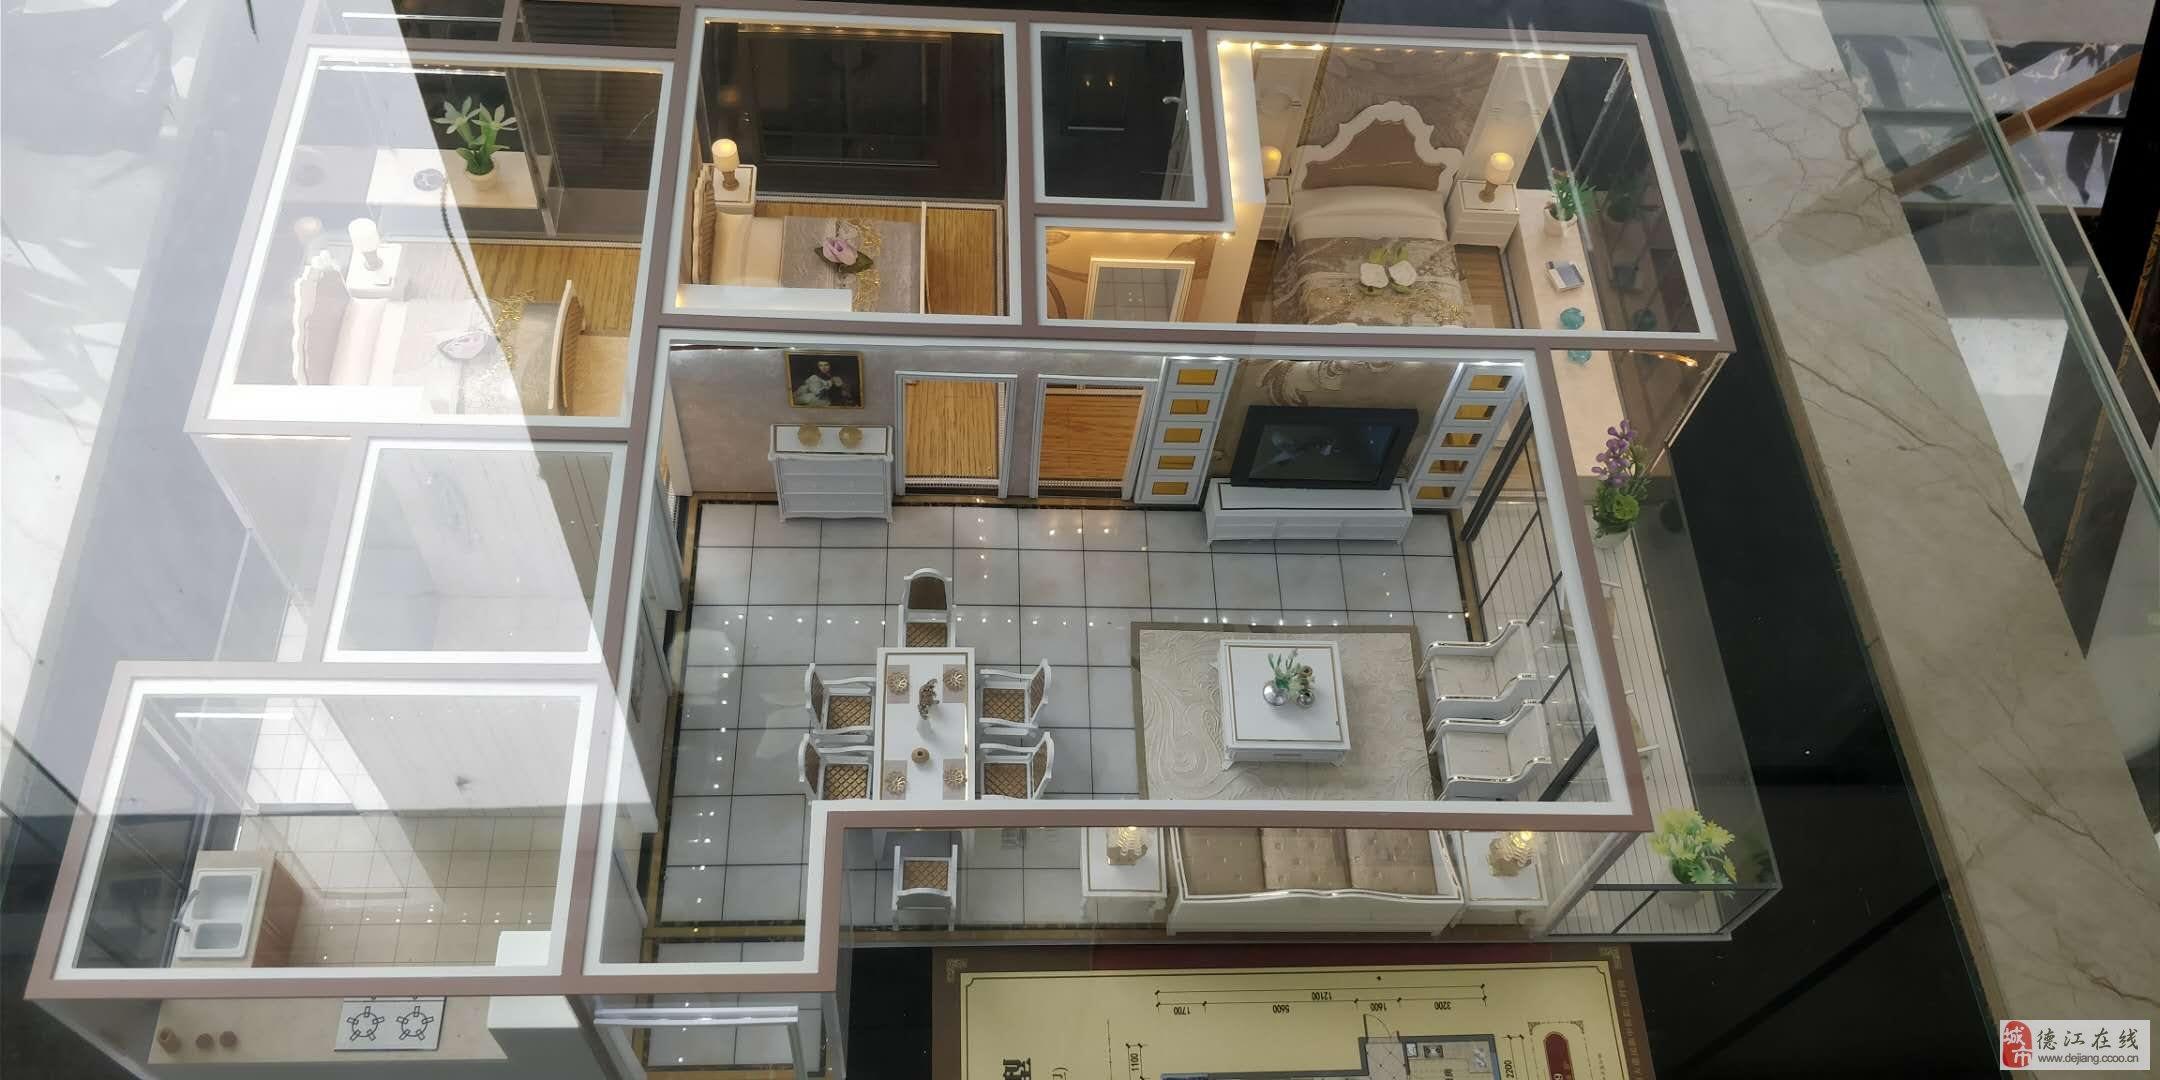 中京国际盛大开盘  3室2厅2卫40万元